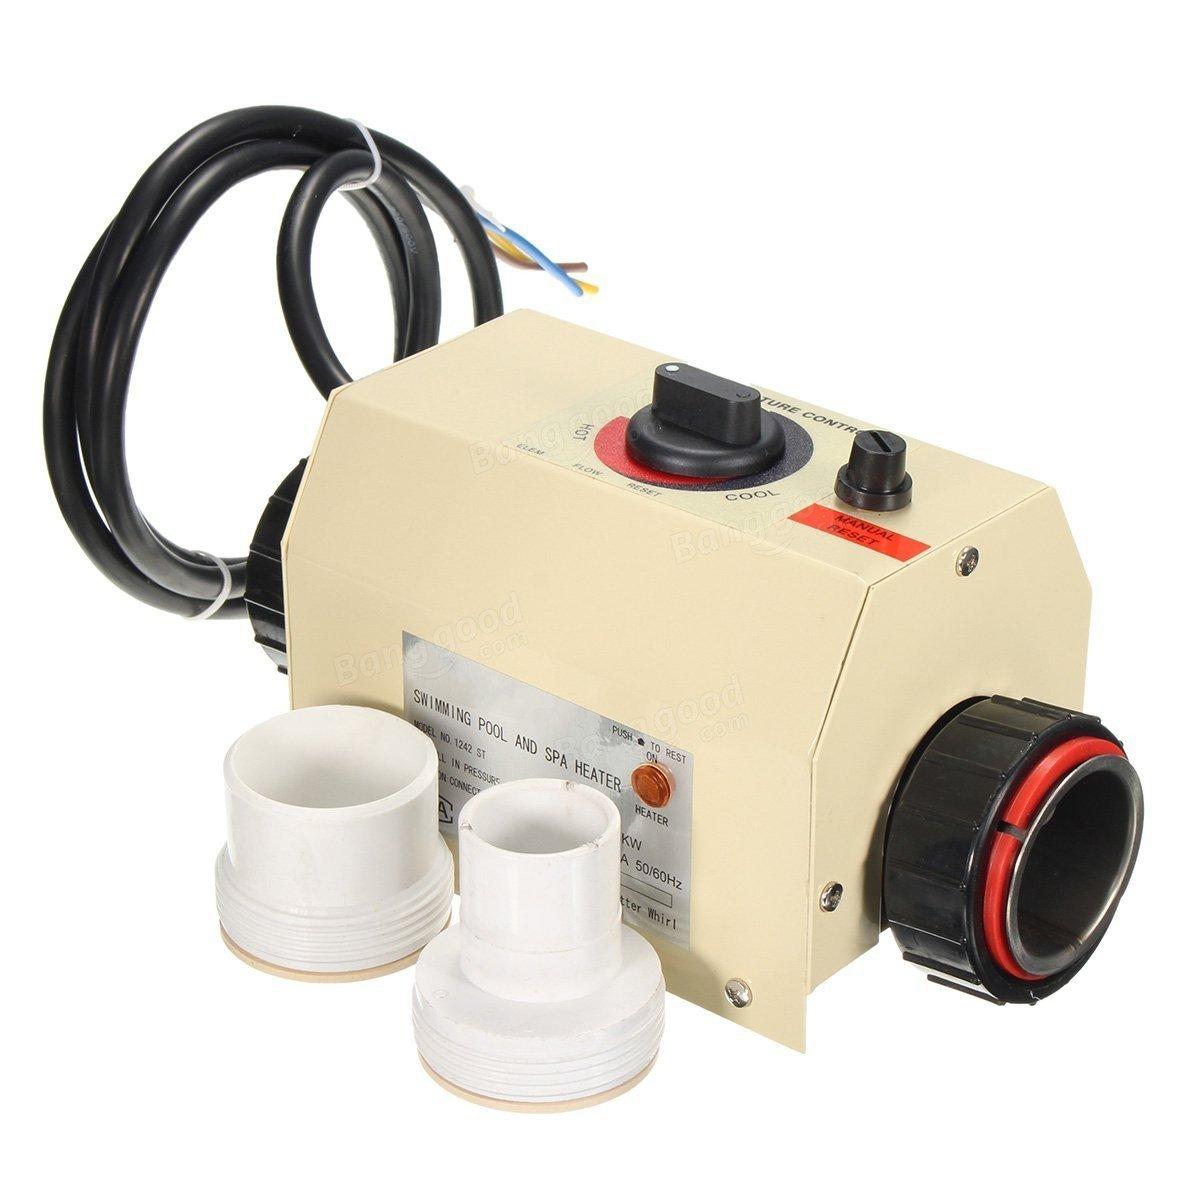 Bargain mundo Costas 3 kW 220 V piscina y Spa Hot Tub eléctrico calentador de agua termostato: Amazon.es: Electrónica